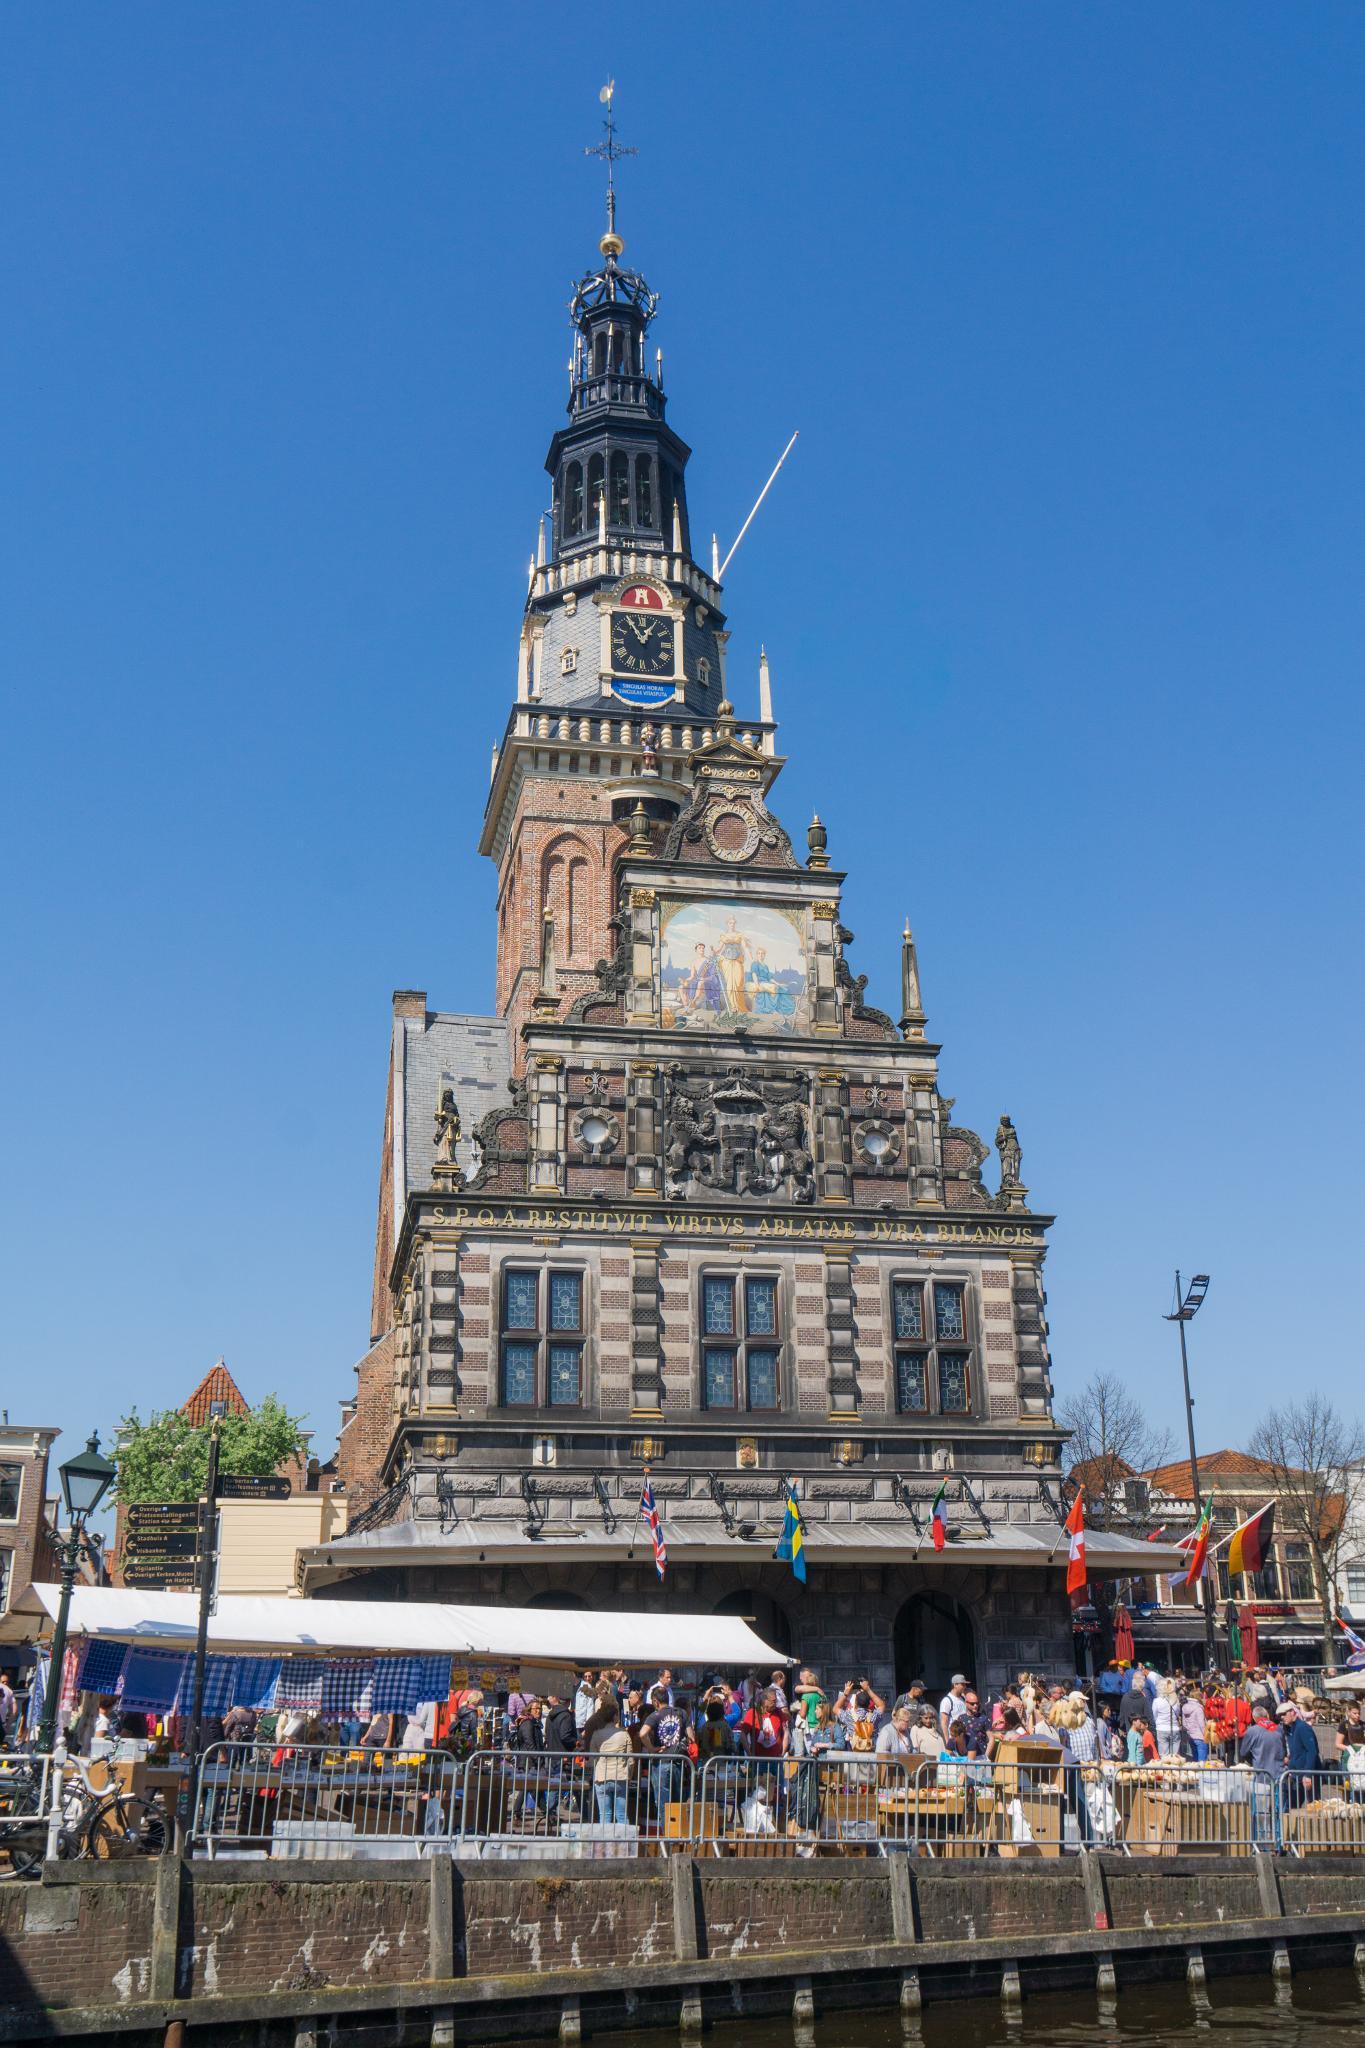 【荷蘭印象】體驗道地的荷式風情 — Alkmaar 起司市集 散步路線整理 15